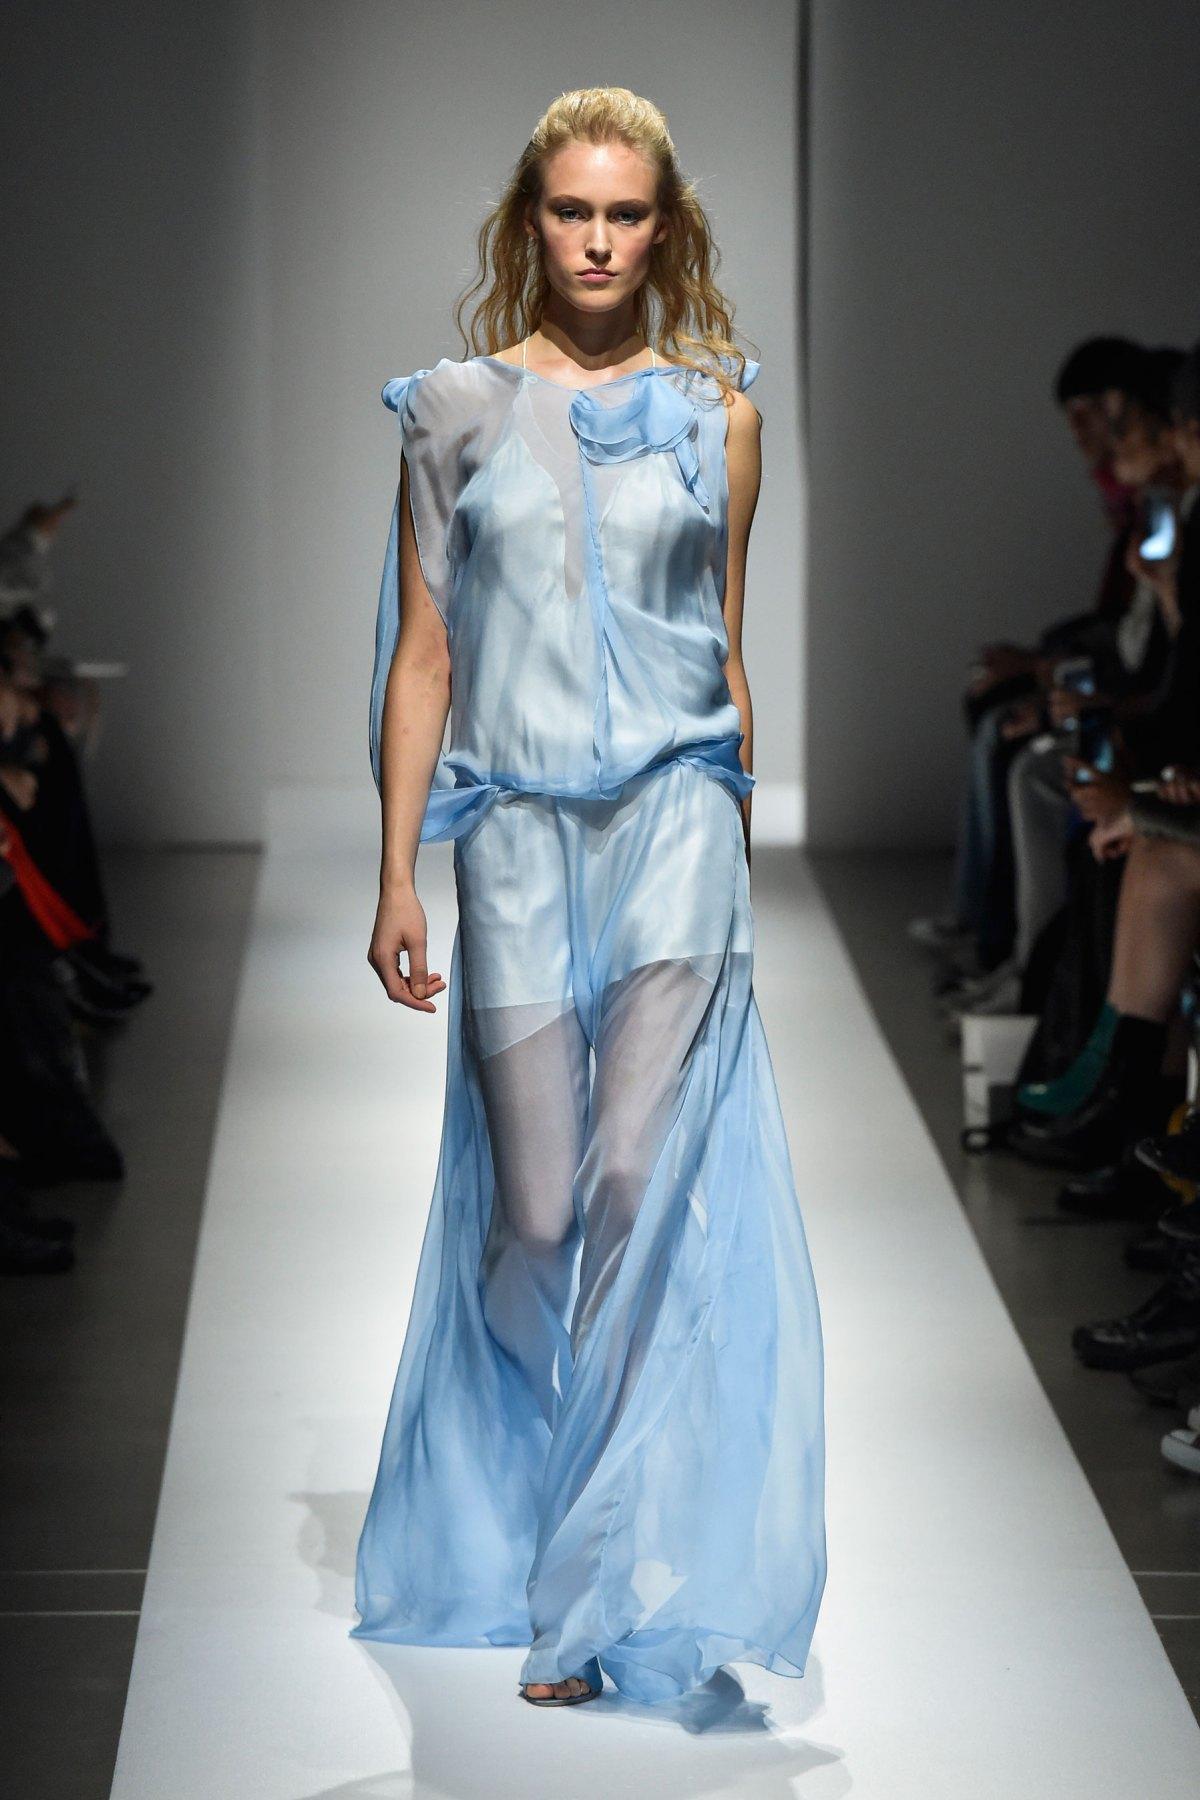 Fashion Hong Kong RS17 0025